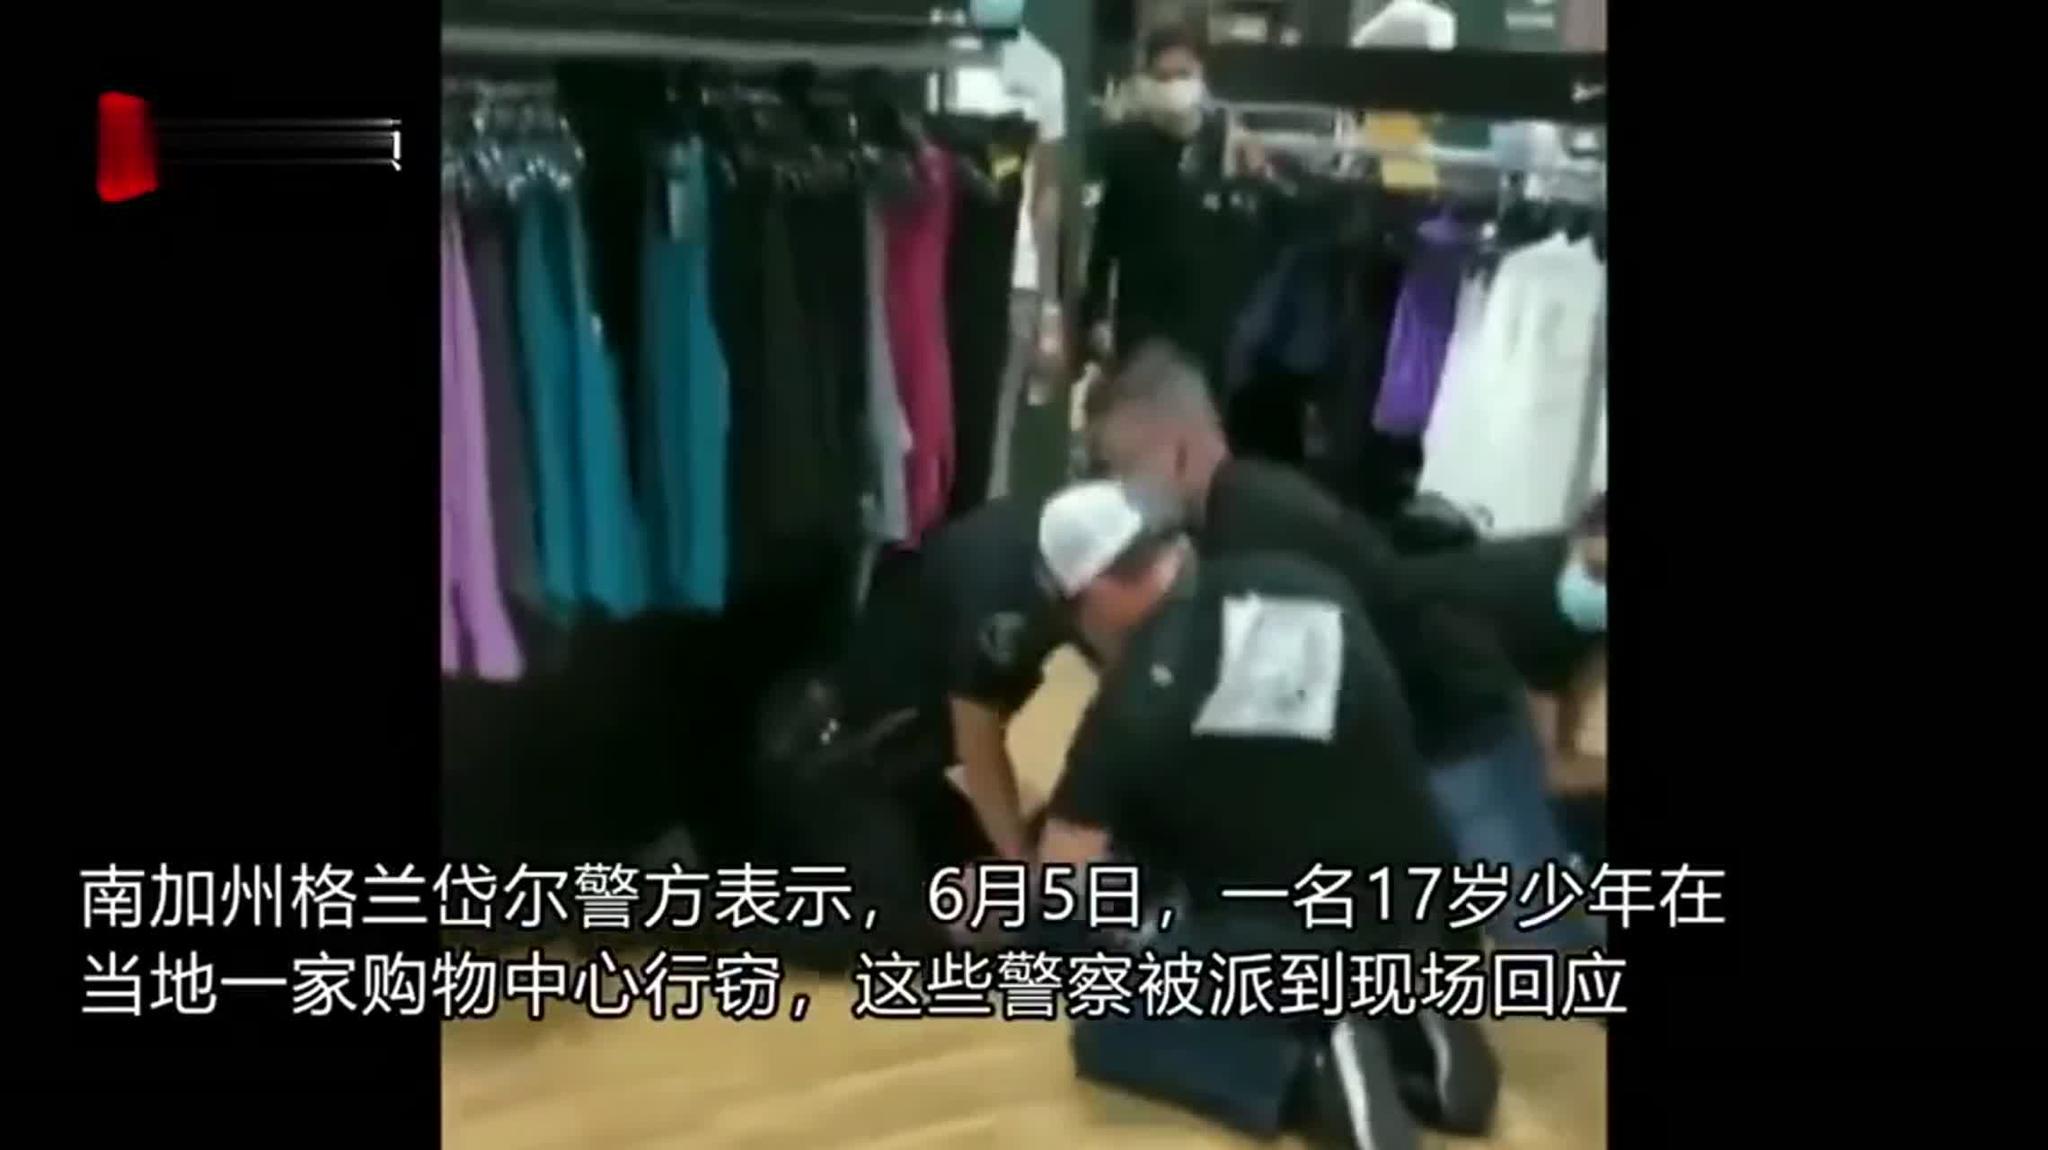 美国加州一名少年在商店行窃 被四名警察按倒在地拳击面部